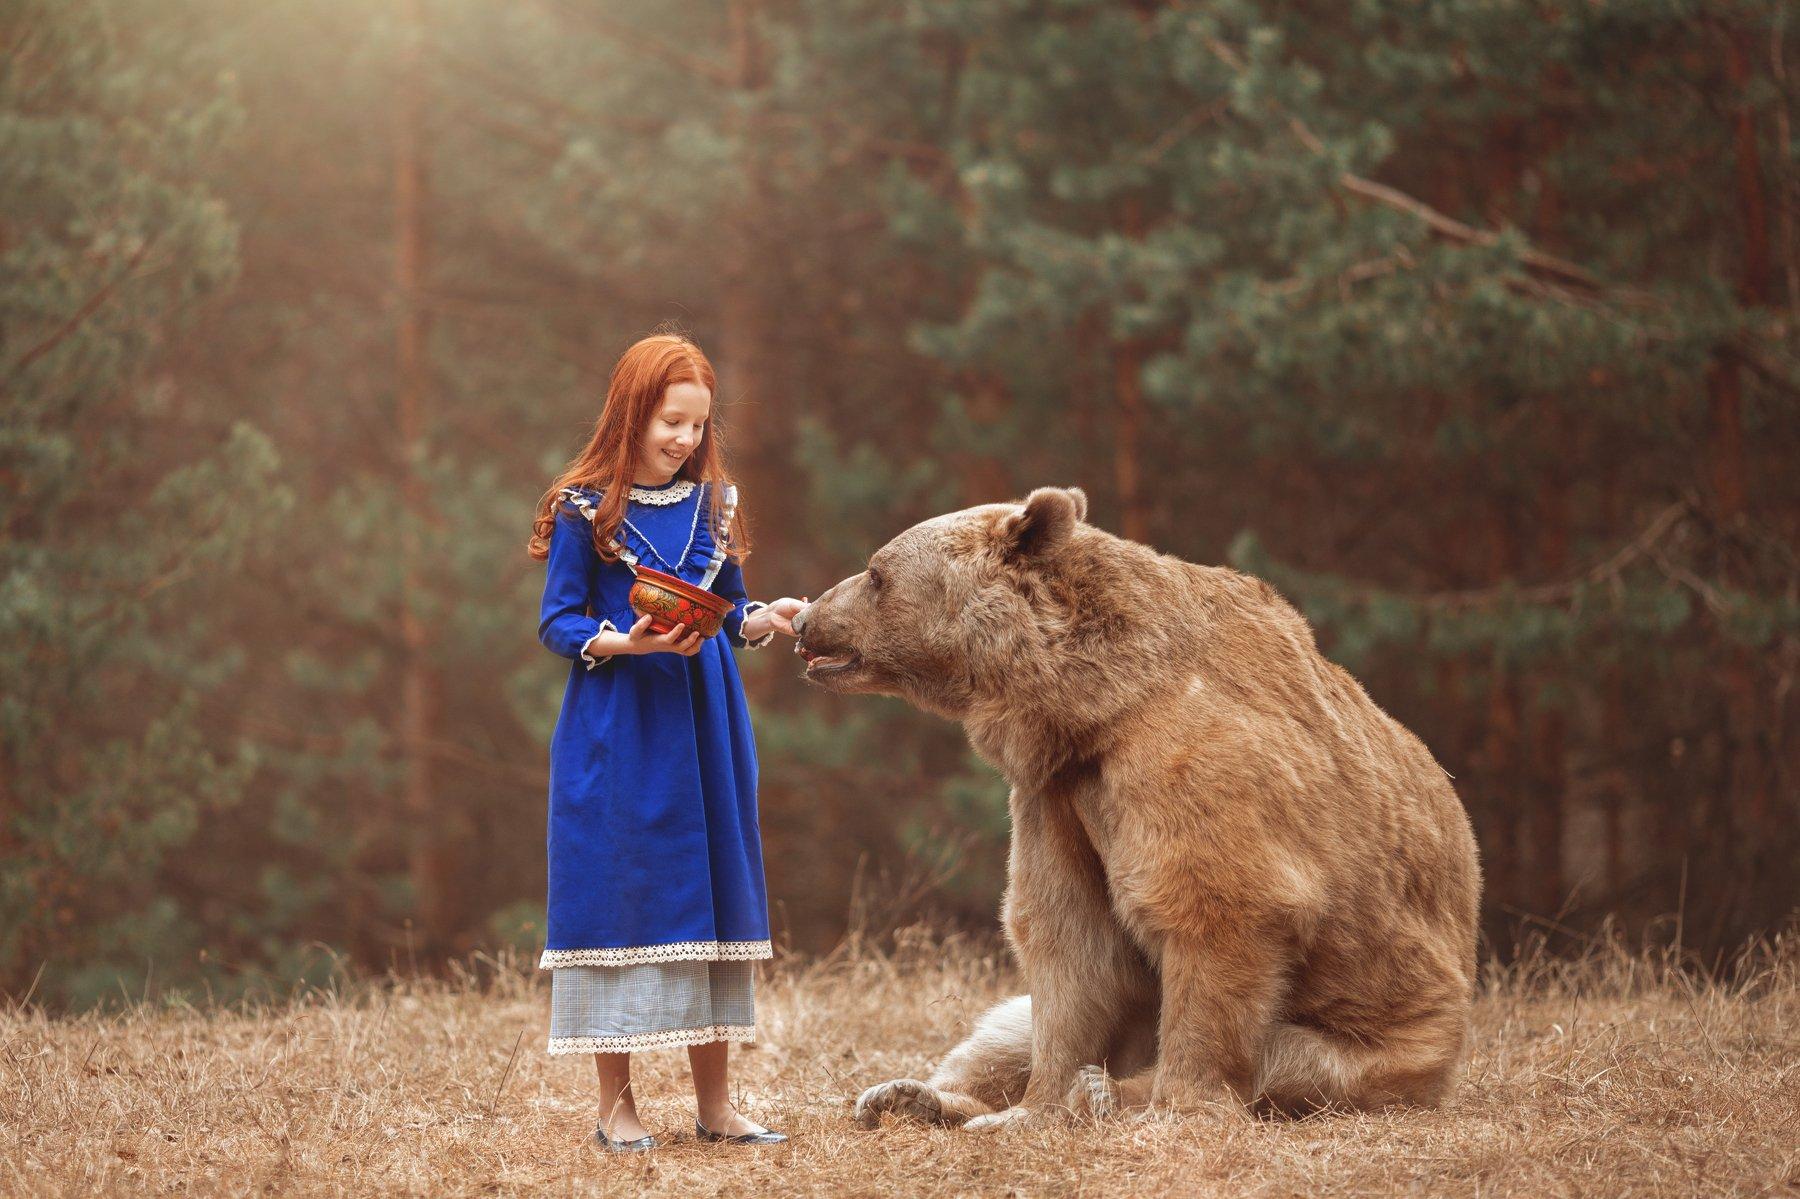 фотограф москва, детский фотограф москва, детская фотосессия москва, фотосессия с животными, медведь Степан, Черкасова Маргарита